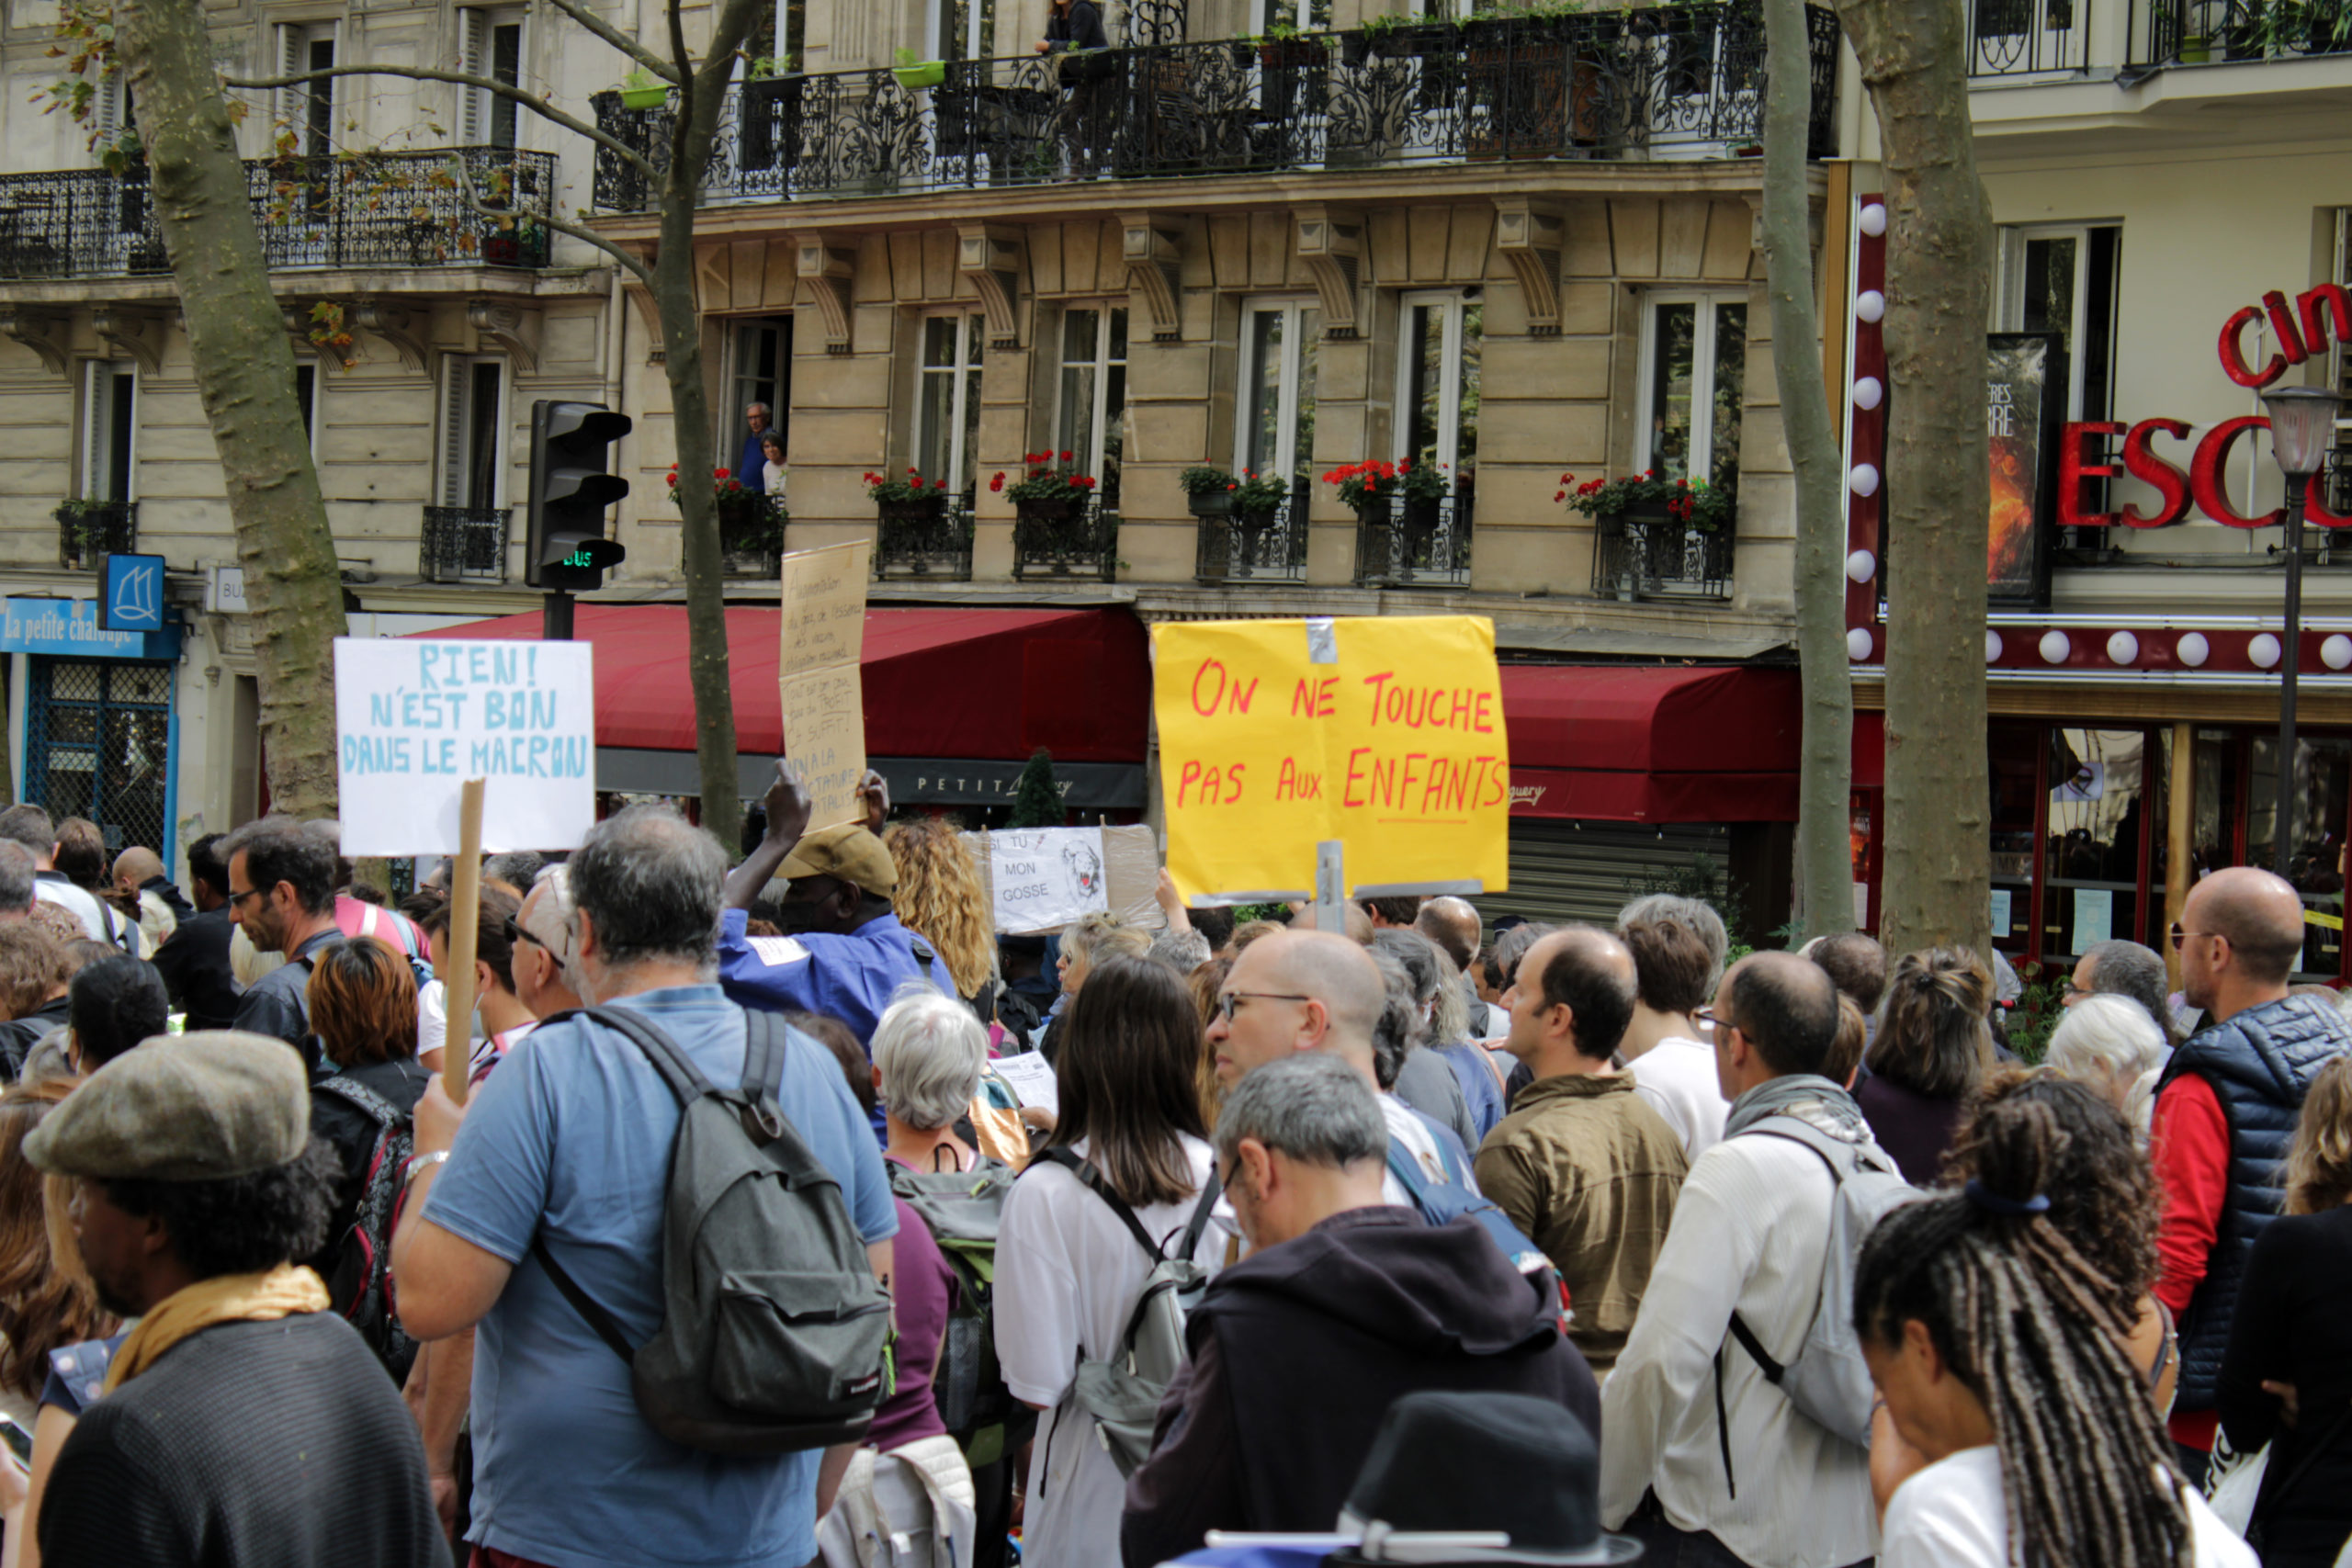 Manif parisienne : j'ai vu des policiers interdire des drapeaux français !